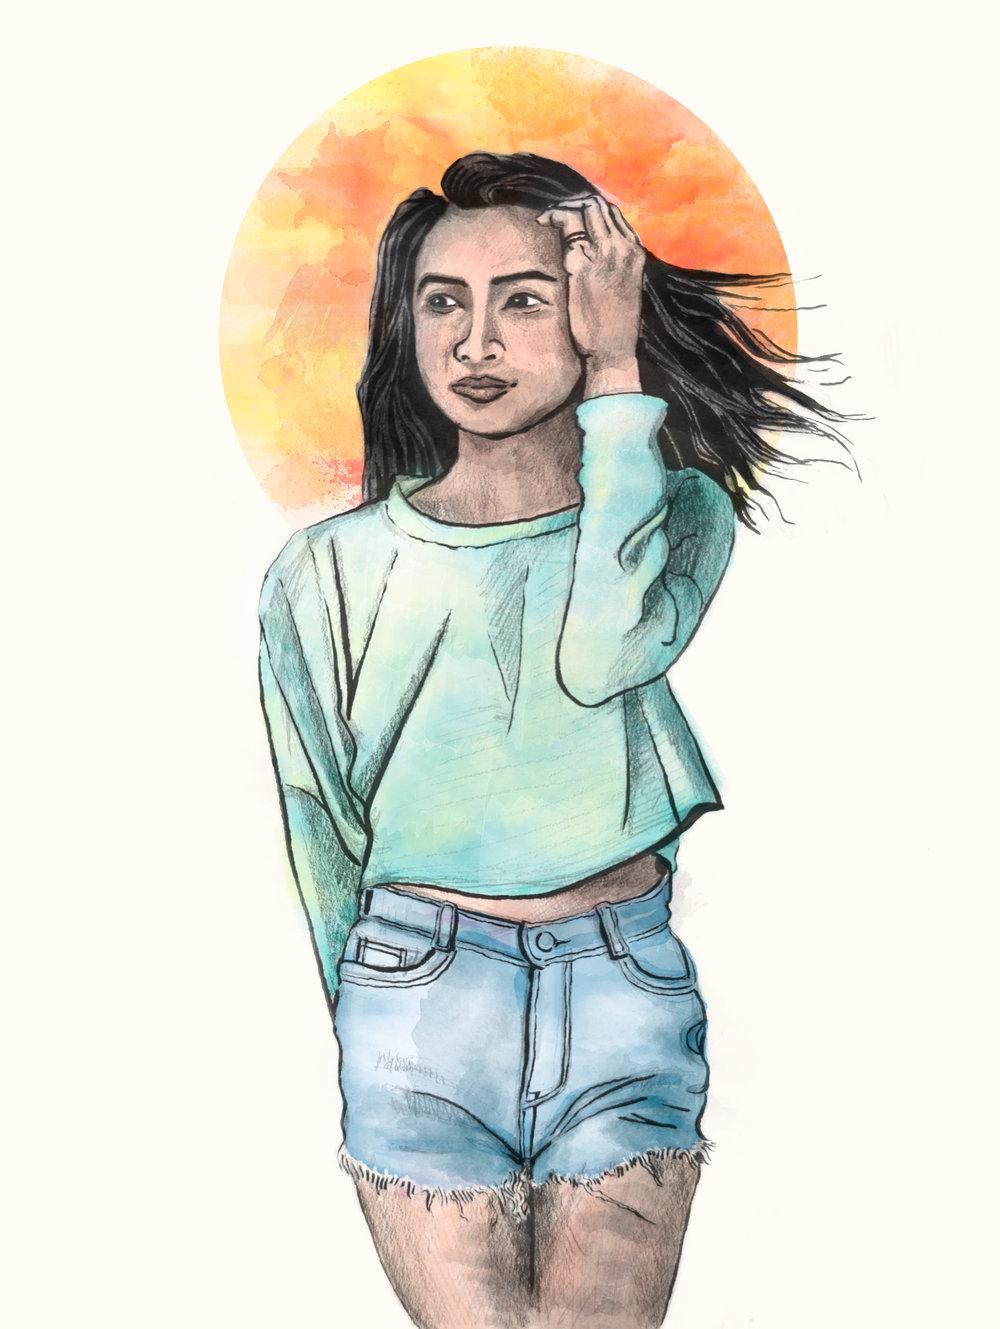 Portrait // ink, graphite, digital color // July 2018